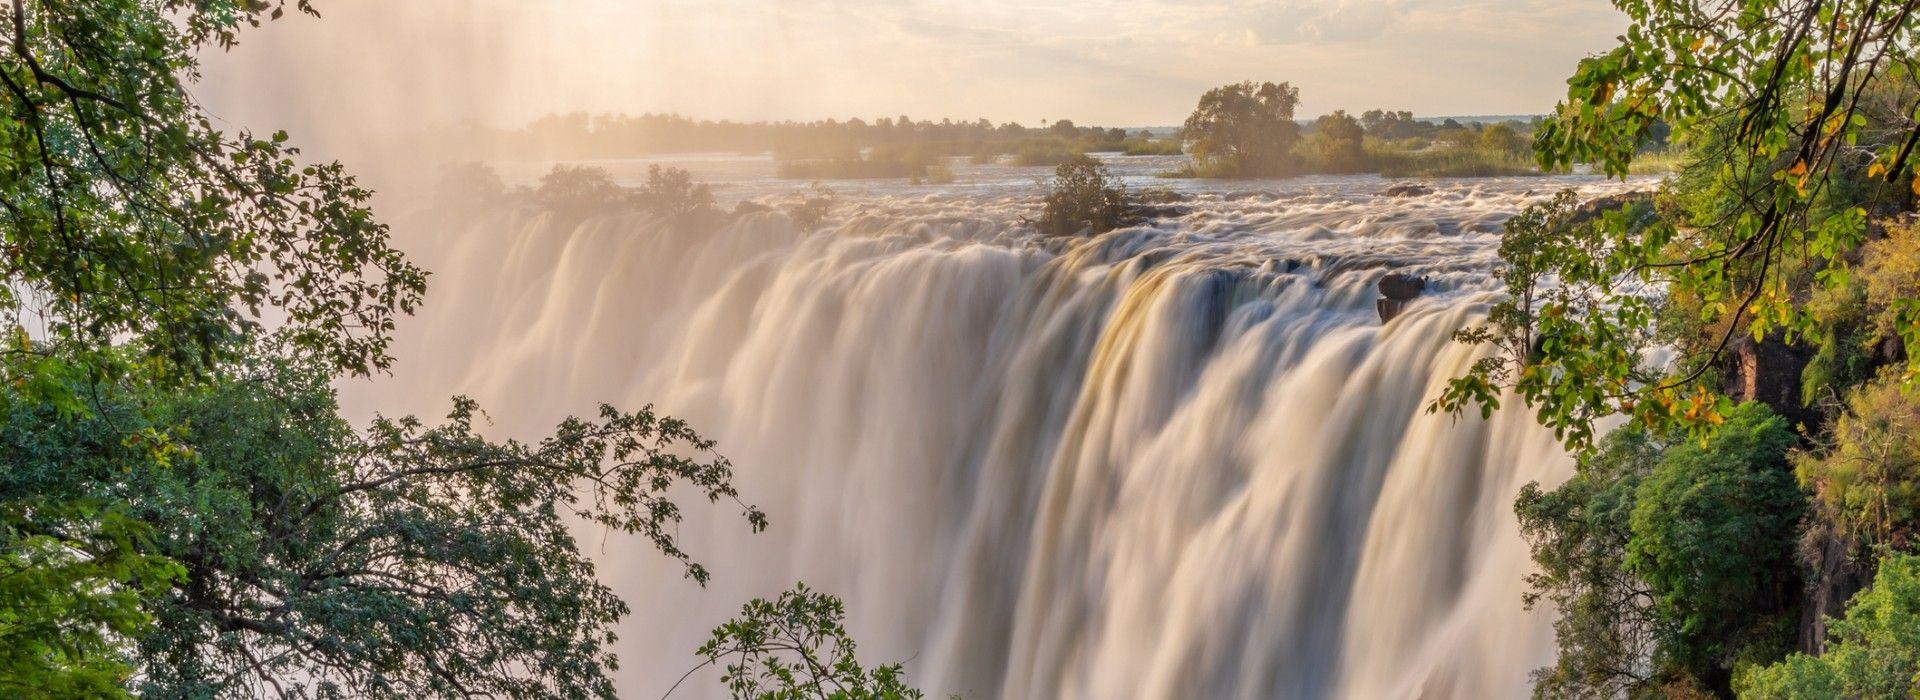 Trekking Tours in East Africa